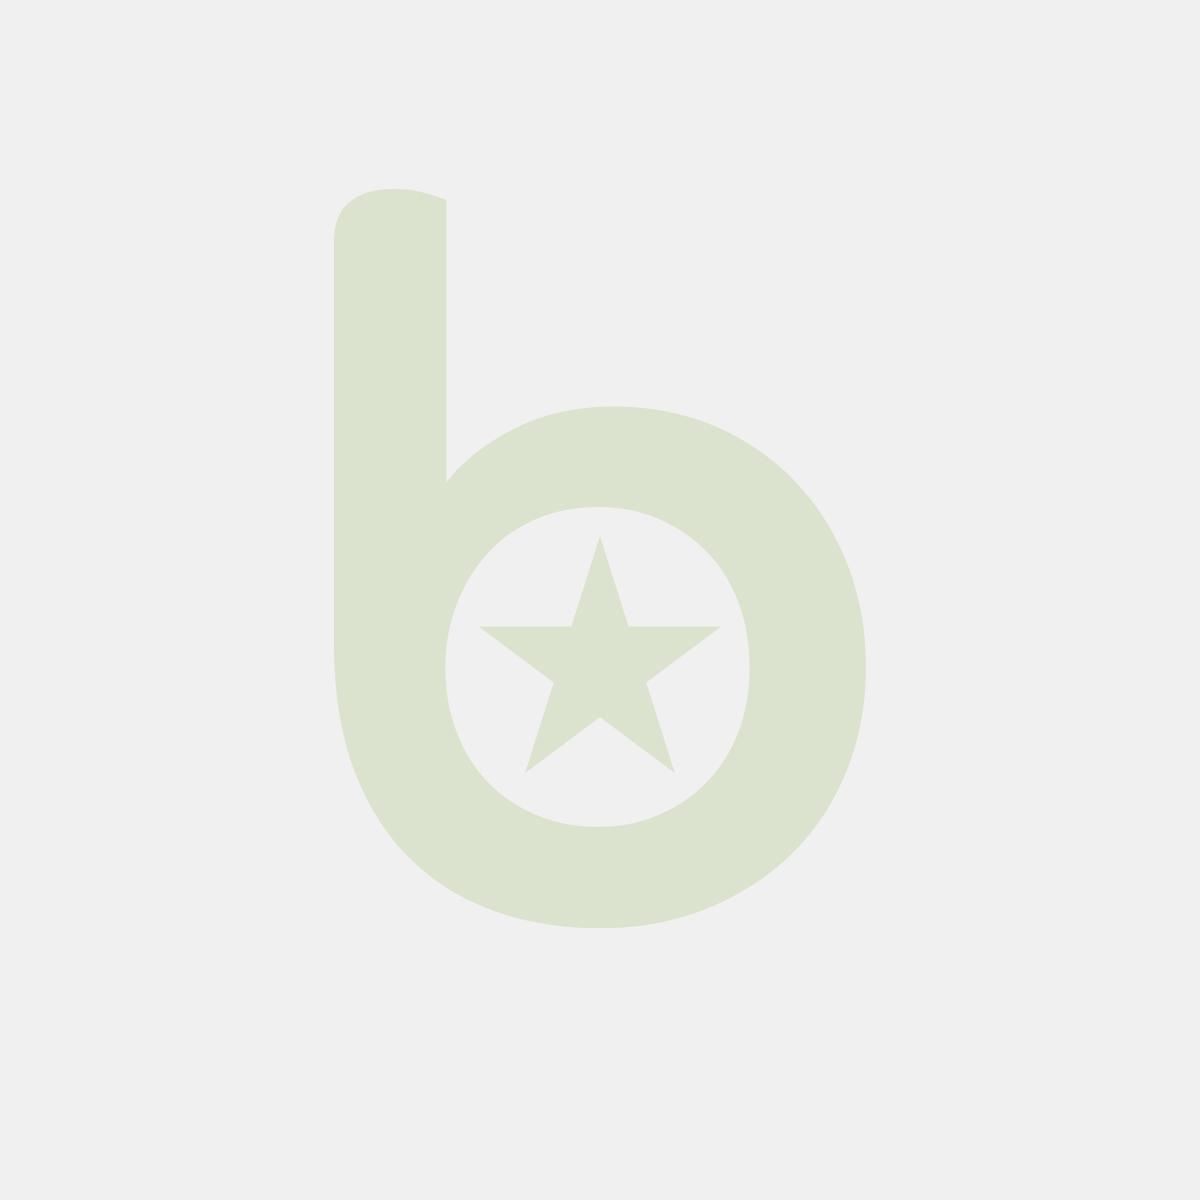 FINGERFOOD - łyżeczka PS transparentna dł.10,5cm op. 50 sztuk